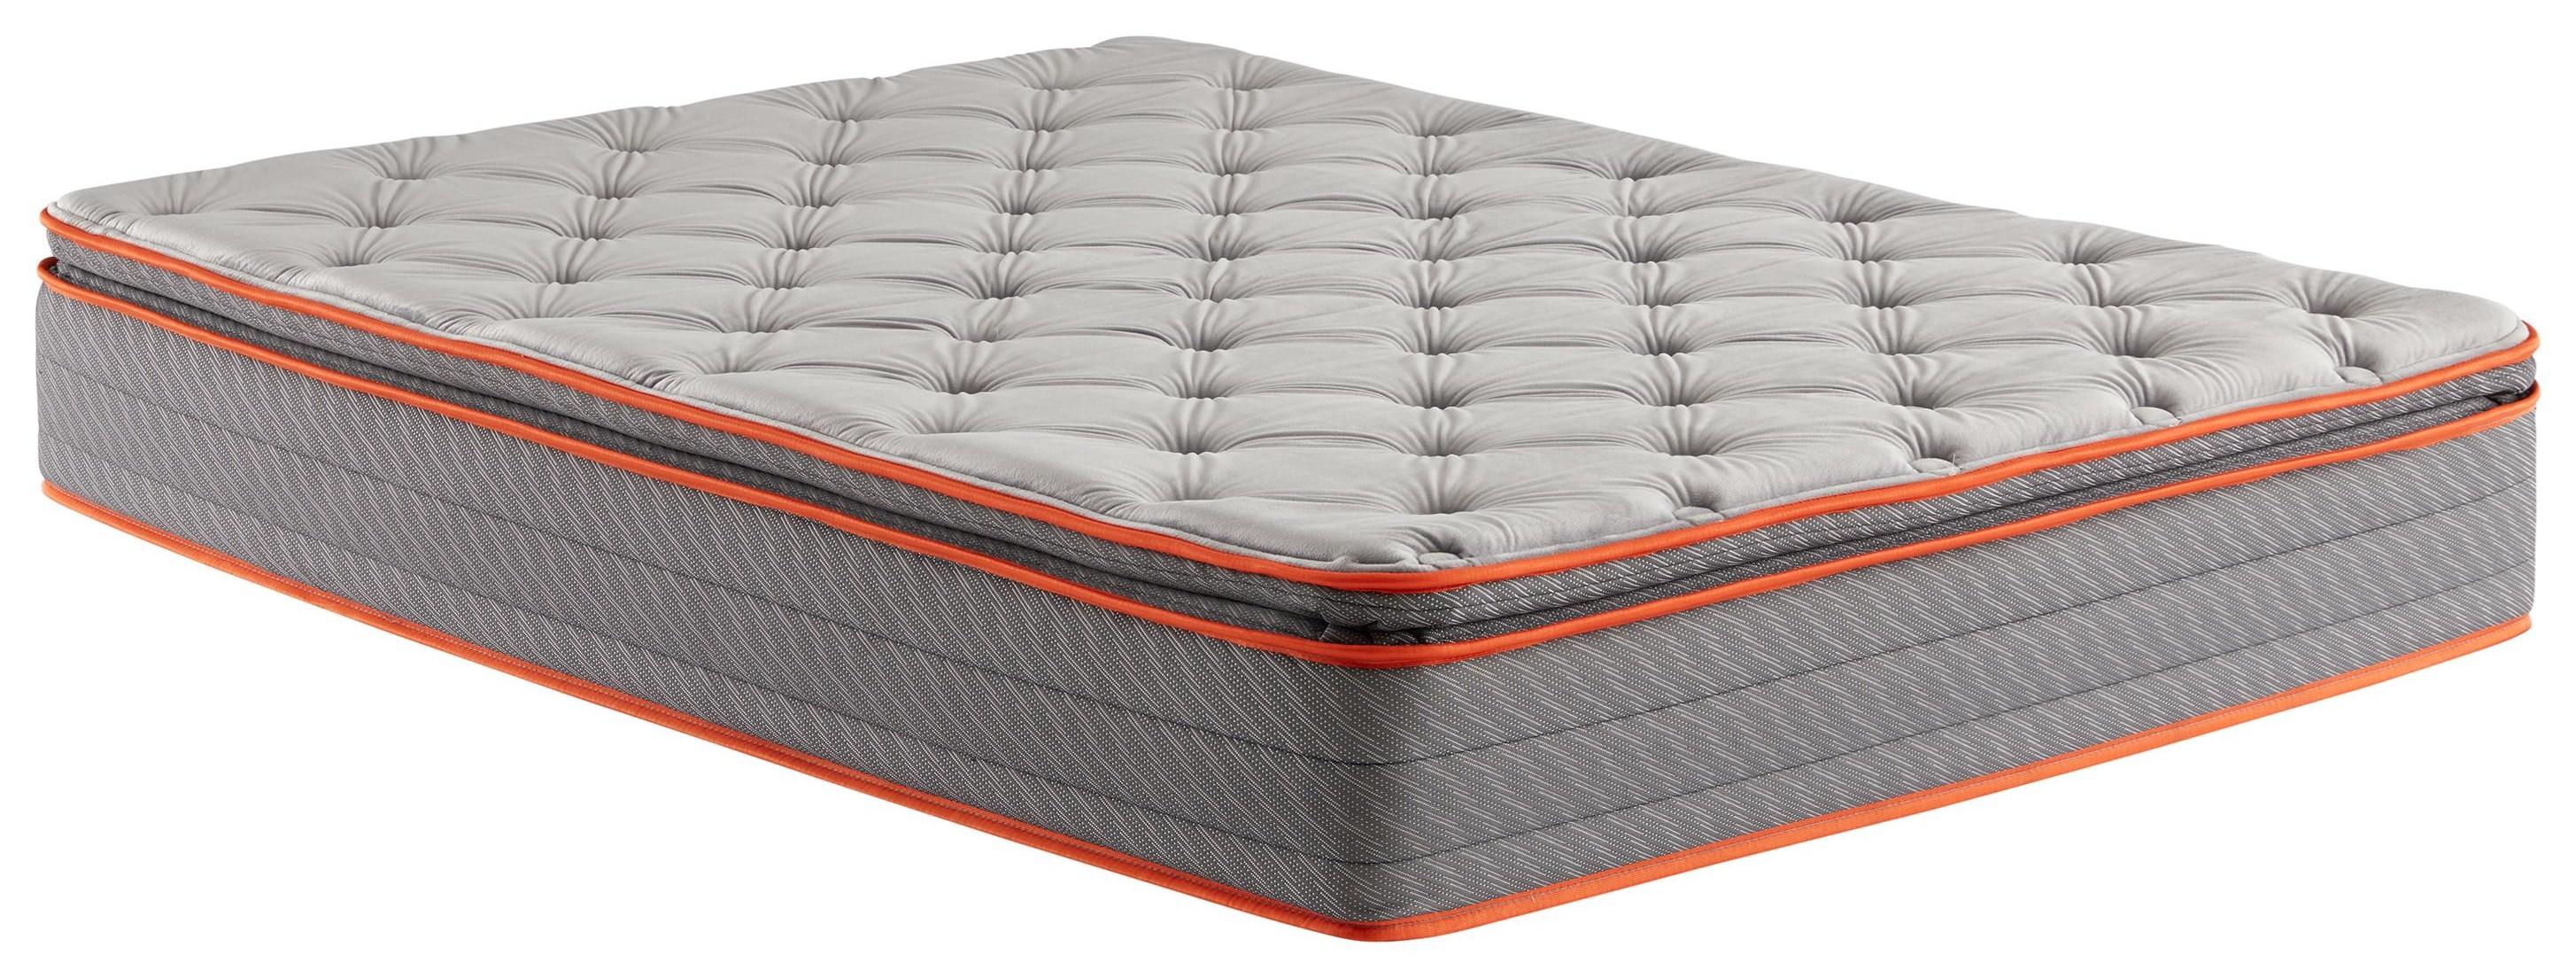 Land Park Full Medium Firm Pillow Top Mattress by Corsicana at Beck's Furniture